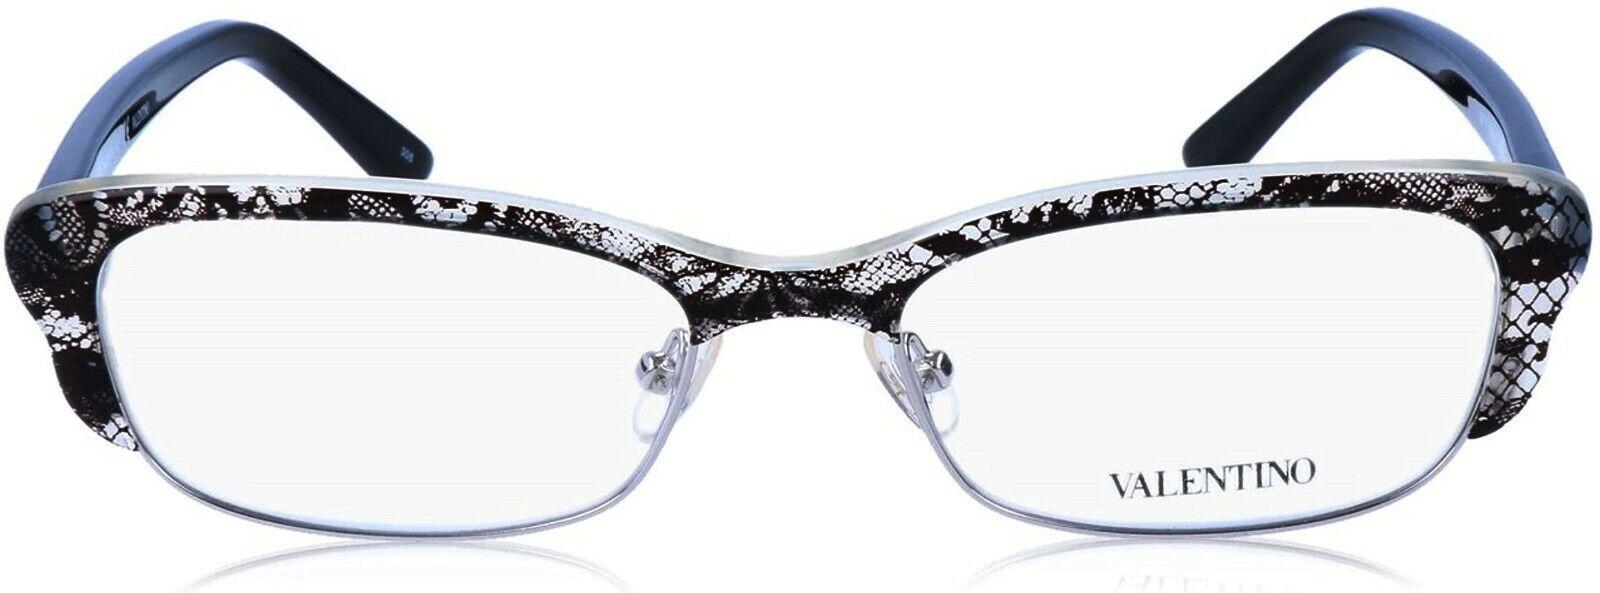 400 New VALENTINO V2117 Black & Grey lace Frame Eyeglasses Glasses Women 52 mm